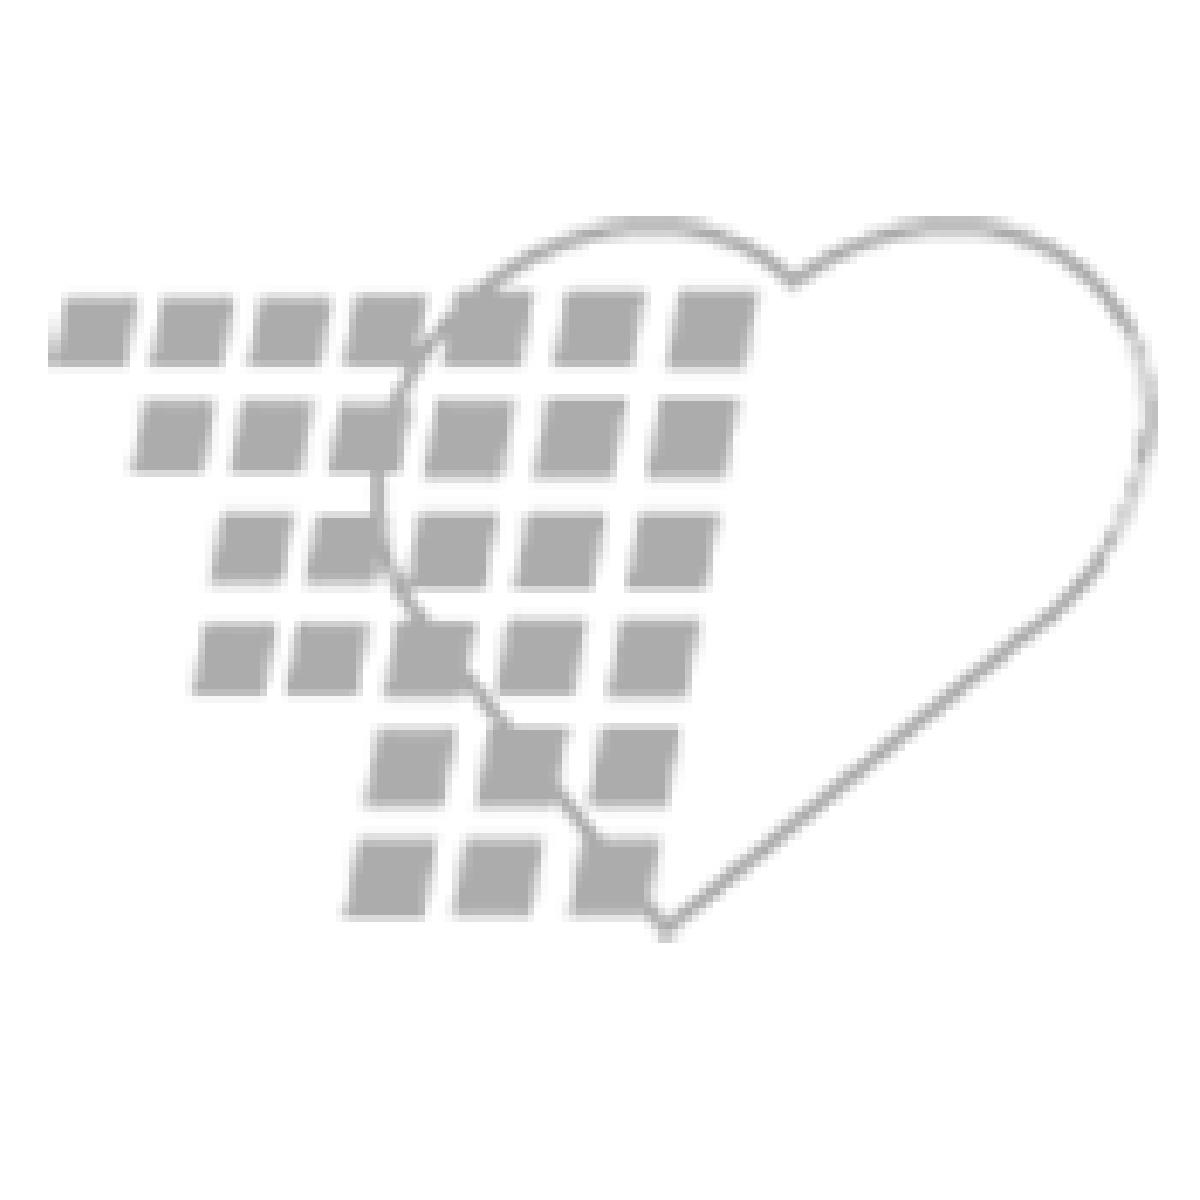 07-71-3060 Smith Medical Cuffed D.I.C. Tracheostomy